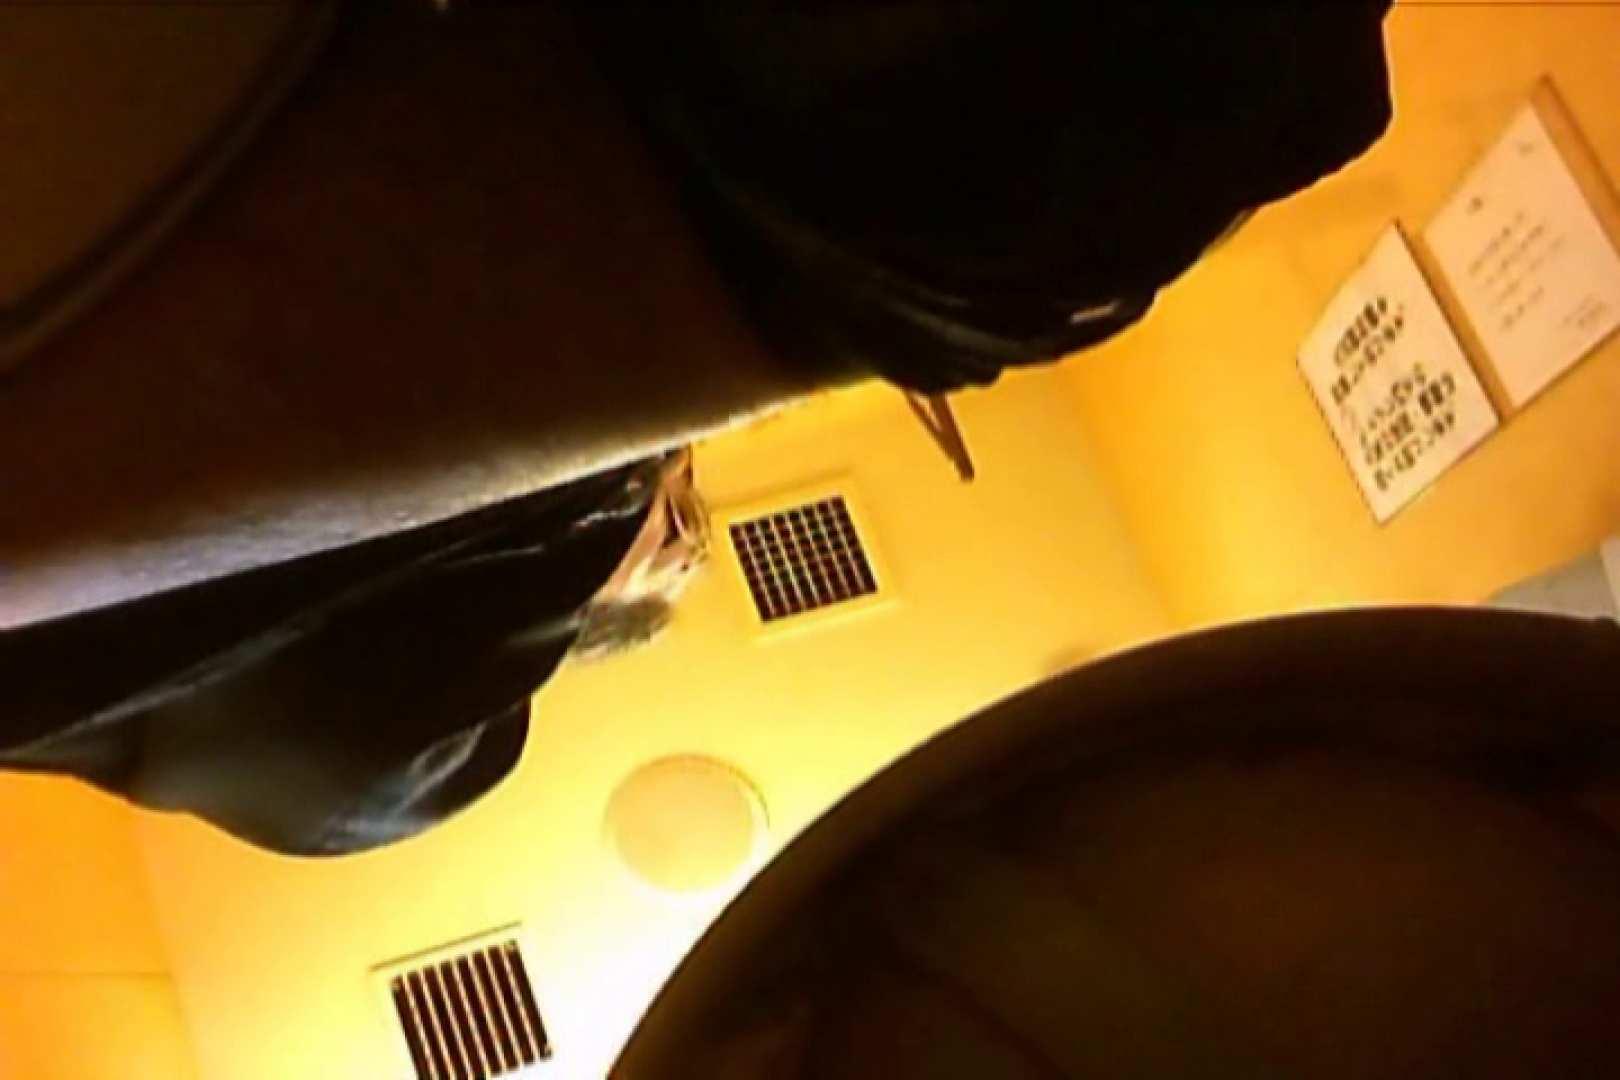 SEASON 2ND!掴み取りさんの洗面所覗き!in新幹線!VOL.04 サル系男子 ゲイ無修正ビデオ画像 63枚 54